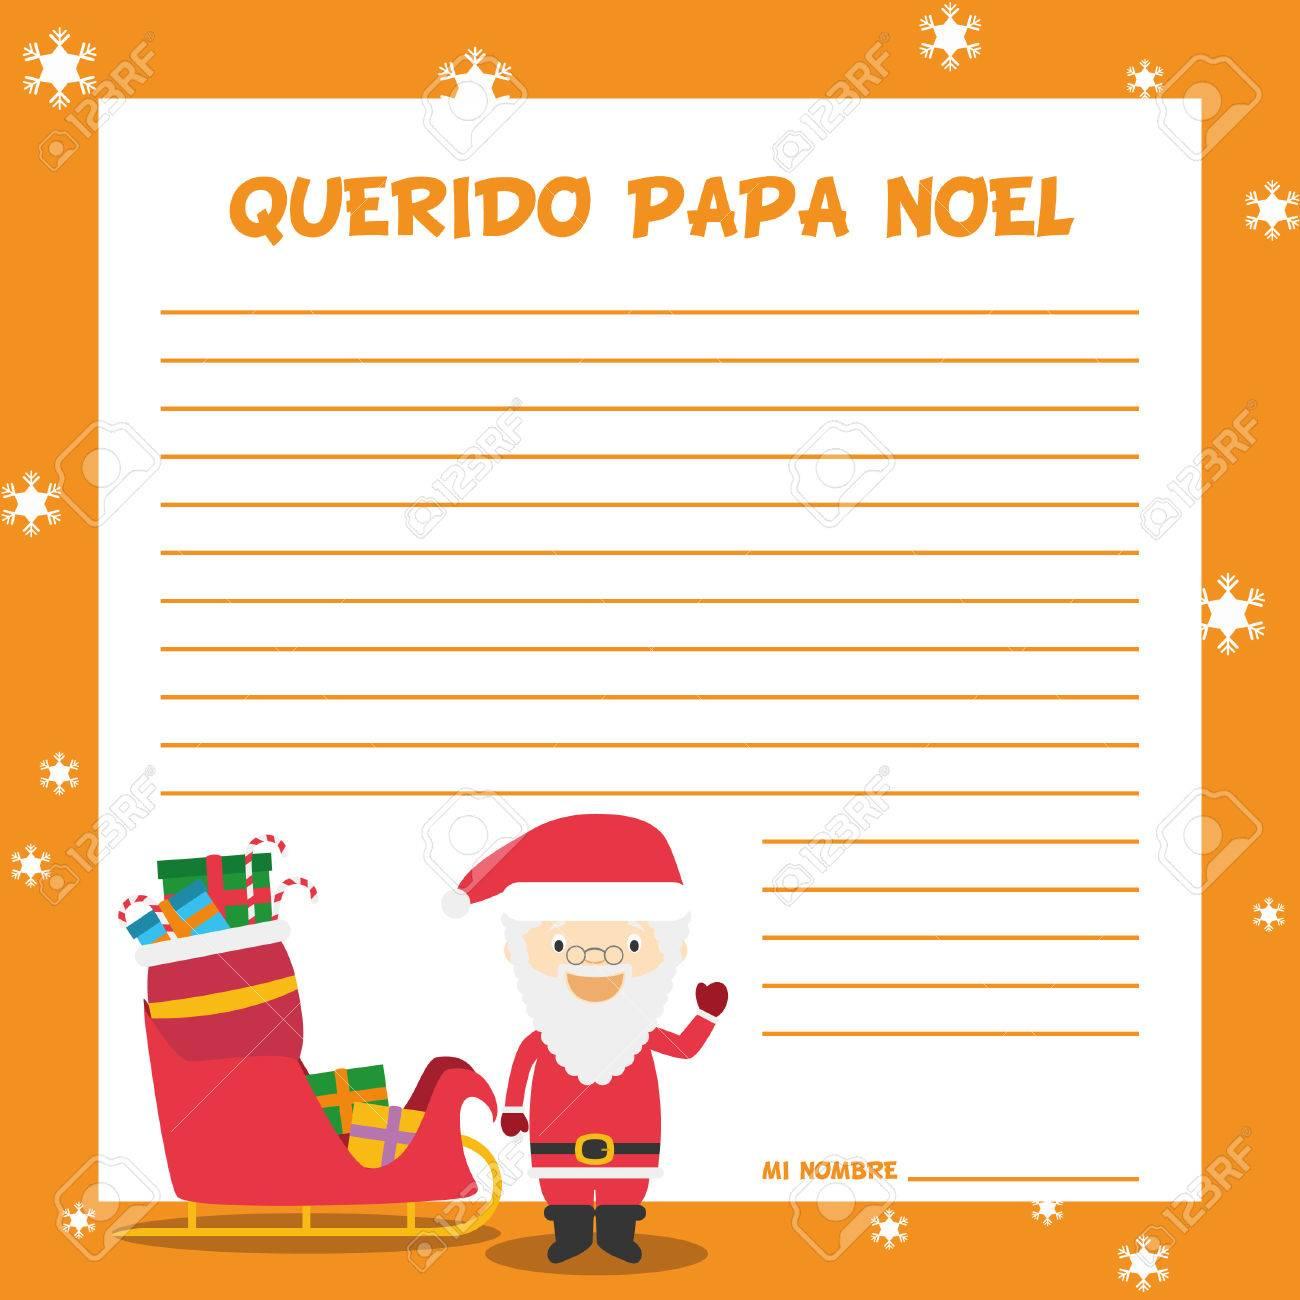 Modele De Lettre Pour Pere Noel.Pere Noel Modele De Lettre Illustration Vectorielle Pour Le Temps De Noel En Espagnol